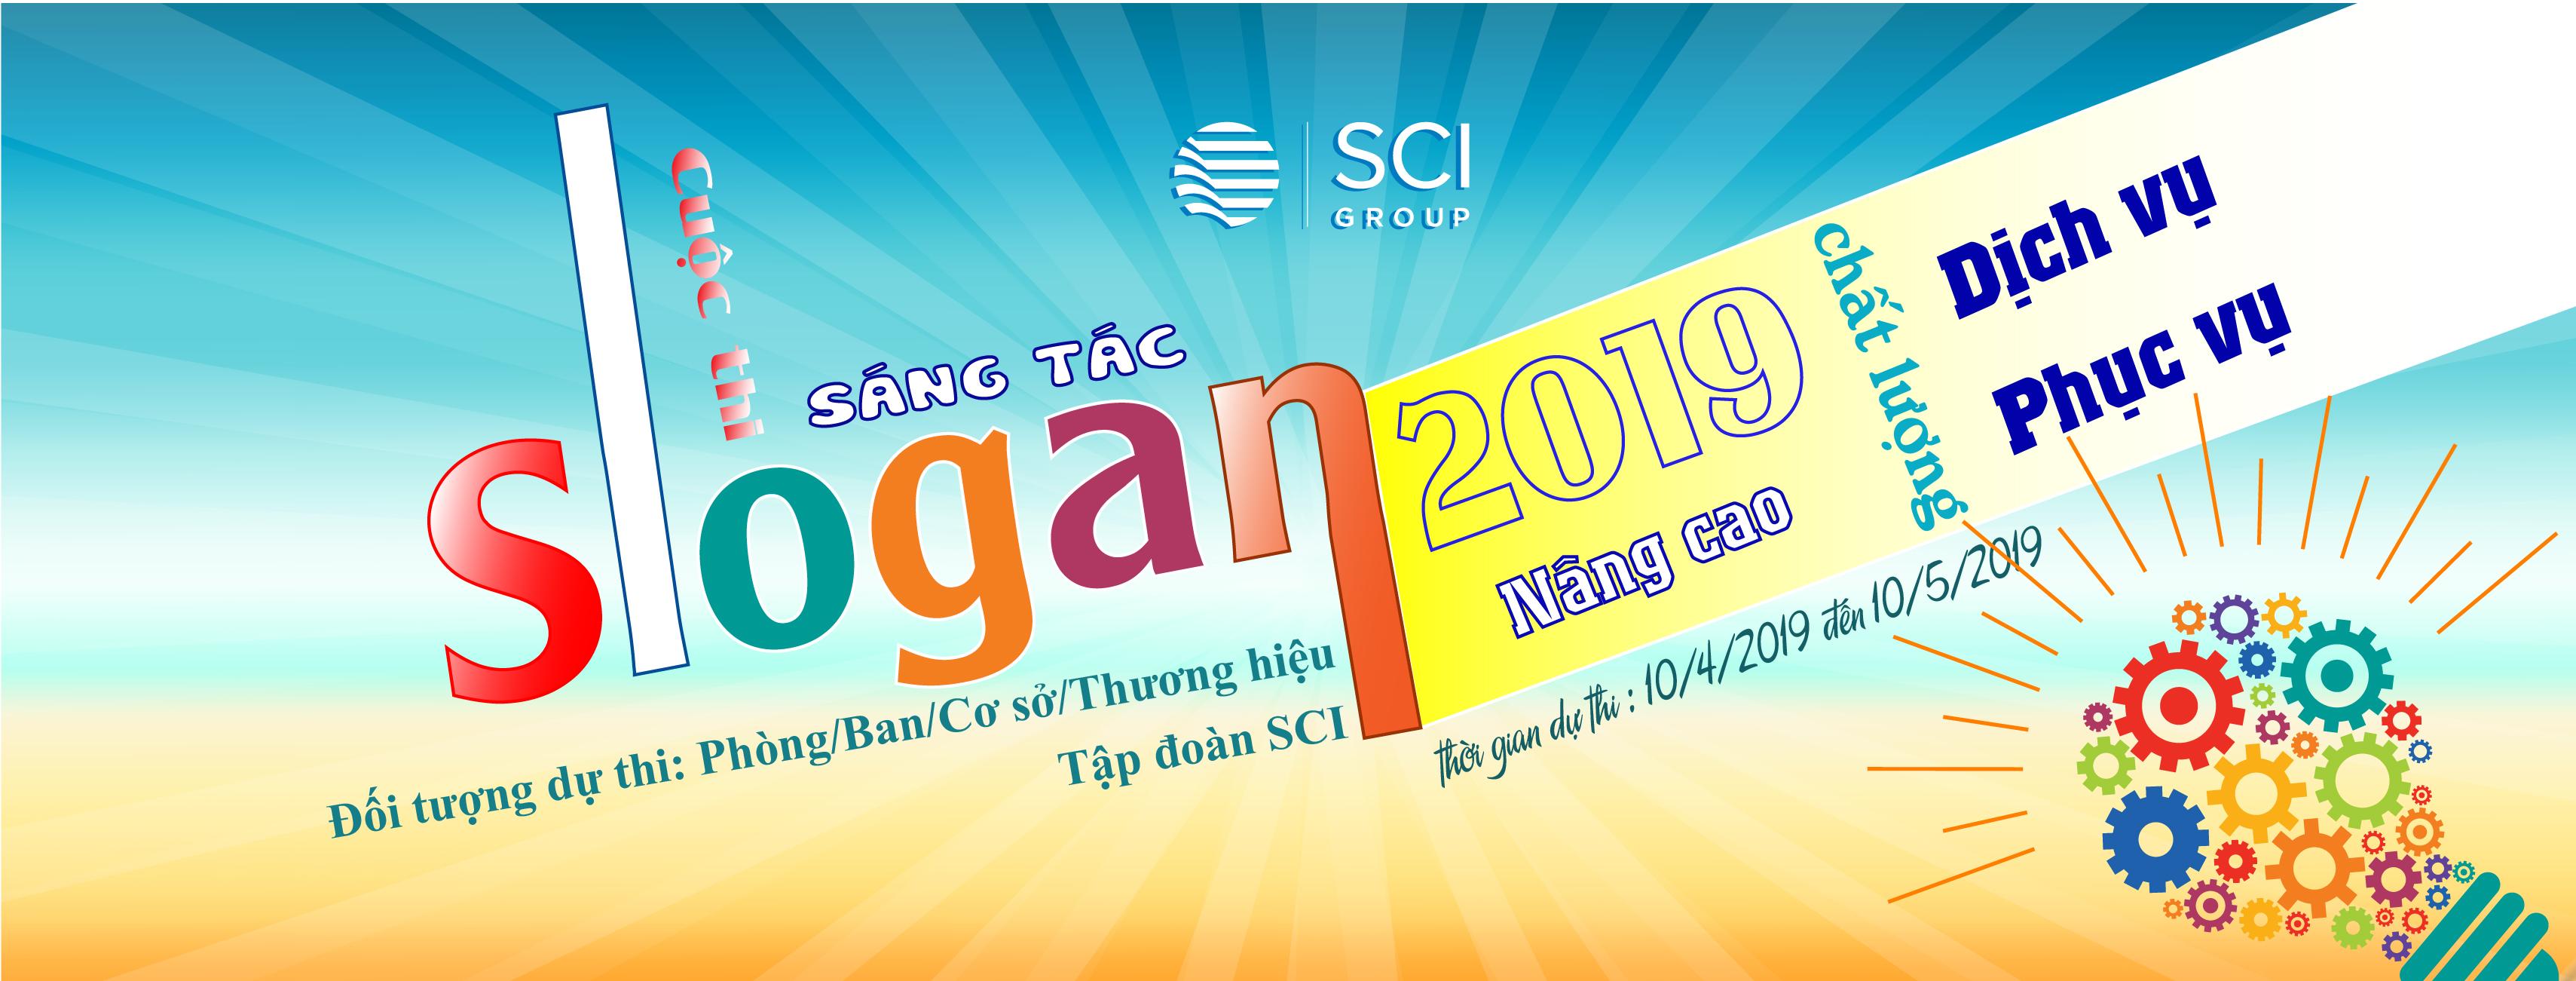 Cuộc thi Sáng tác Slogan các Phòng/Ban/Cơ sở/Thương hiệu Tập đoàn SCI